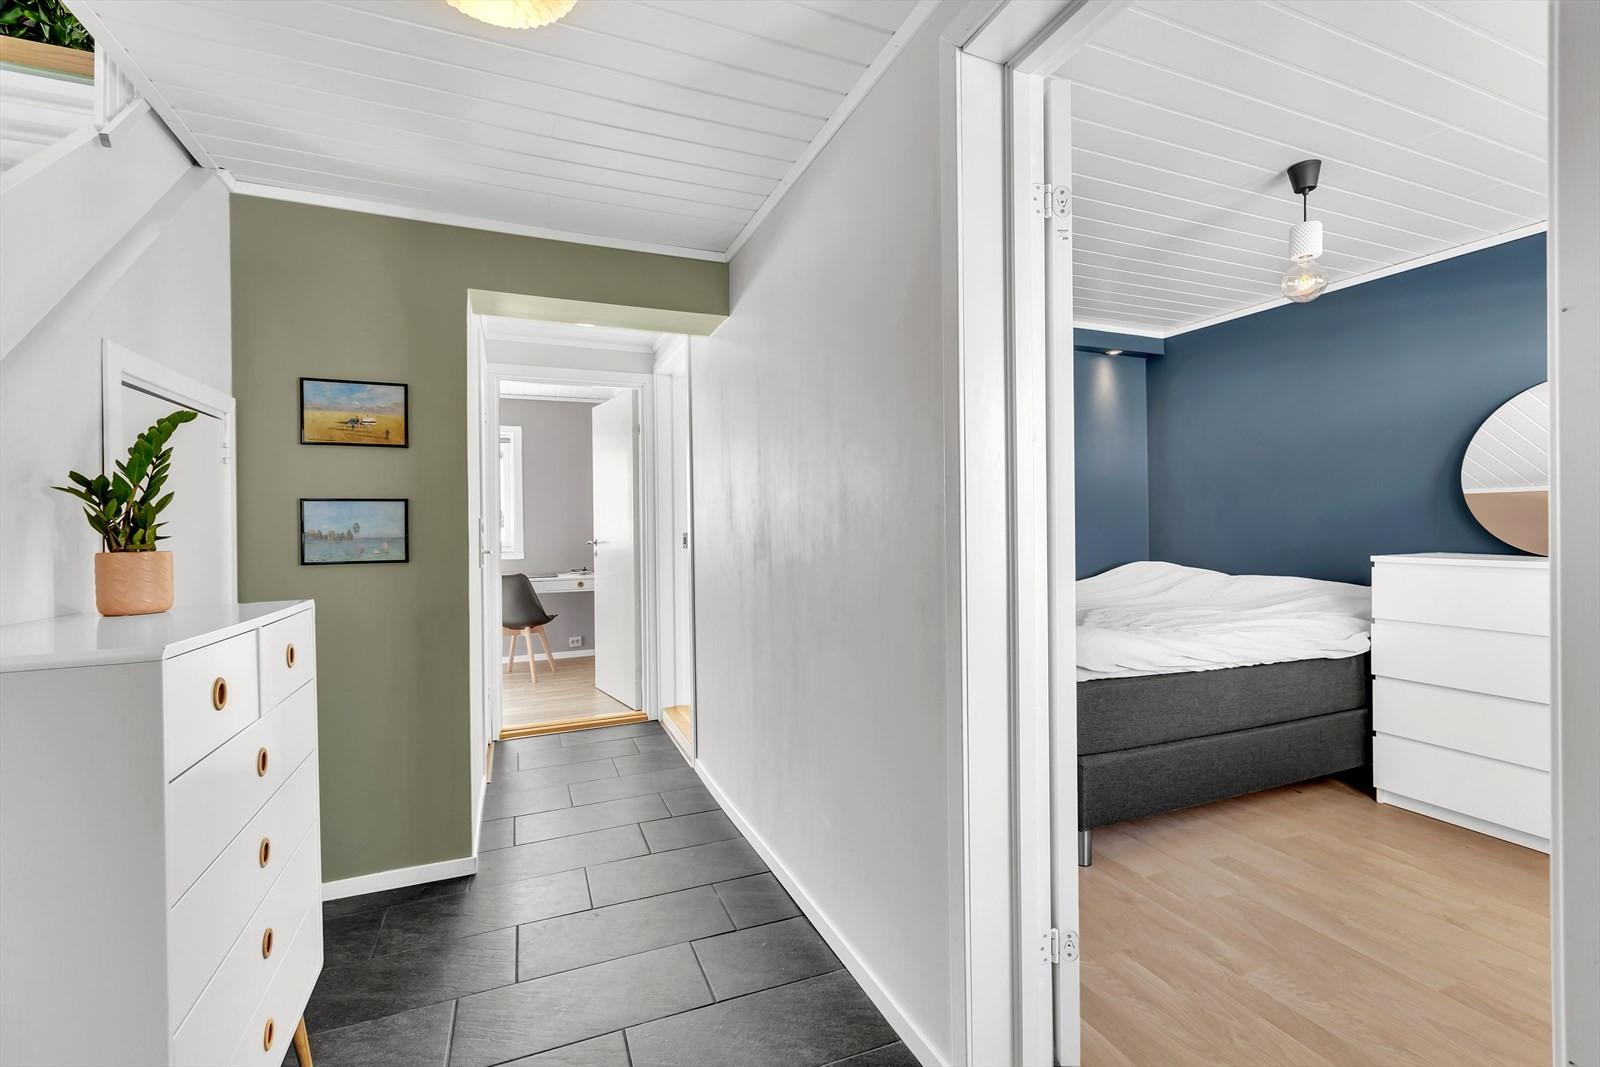 Flislagt entre og 3 soverom liggende rett ved siden av hverandre.